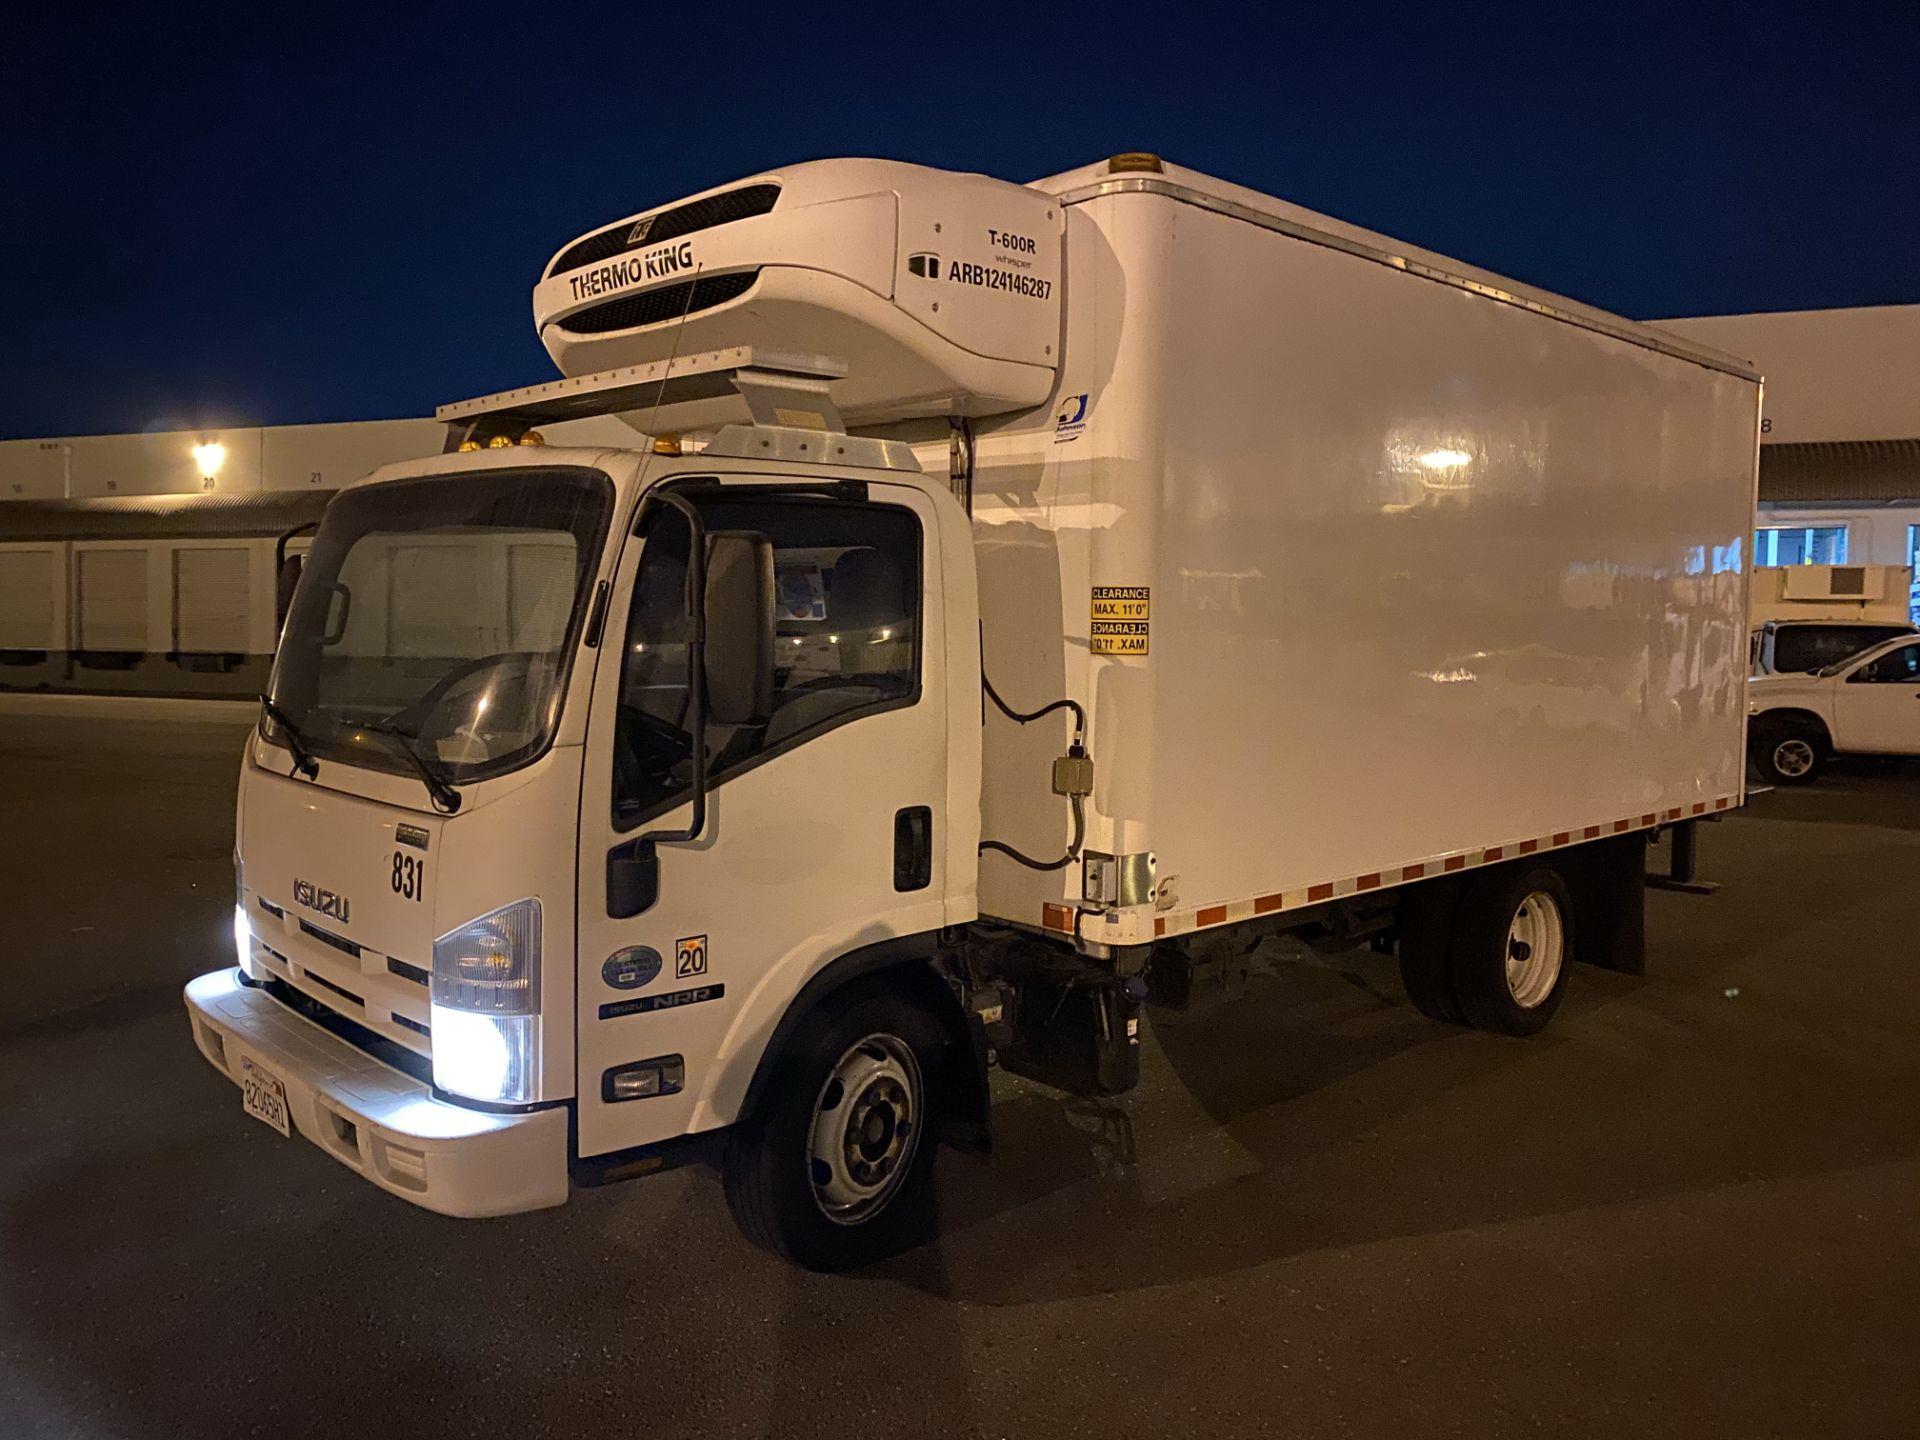 2013 Isuzu refrigerated truck